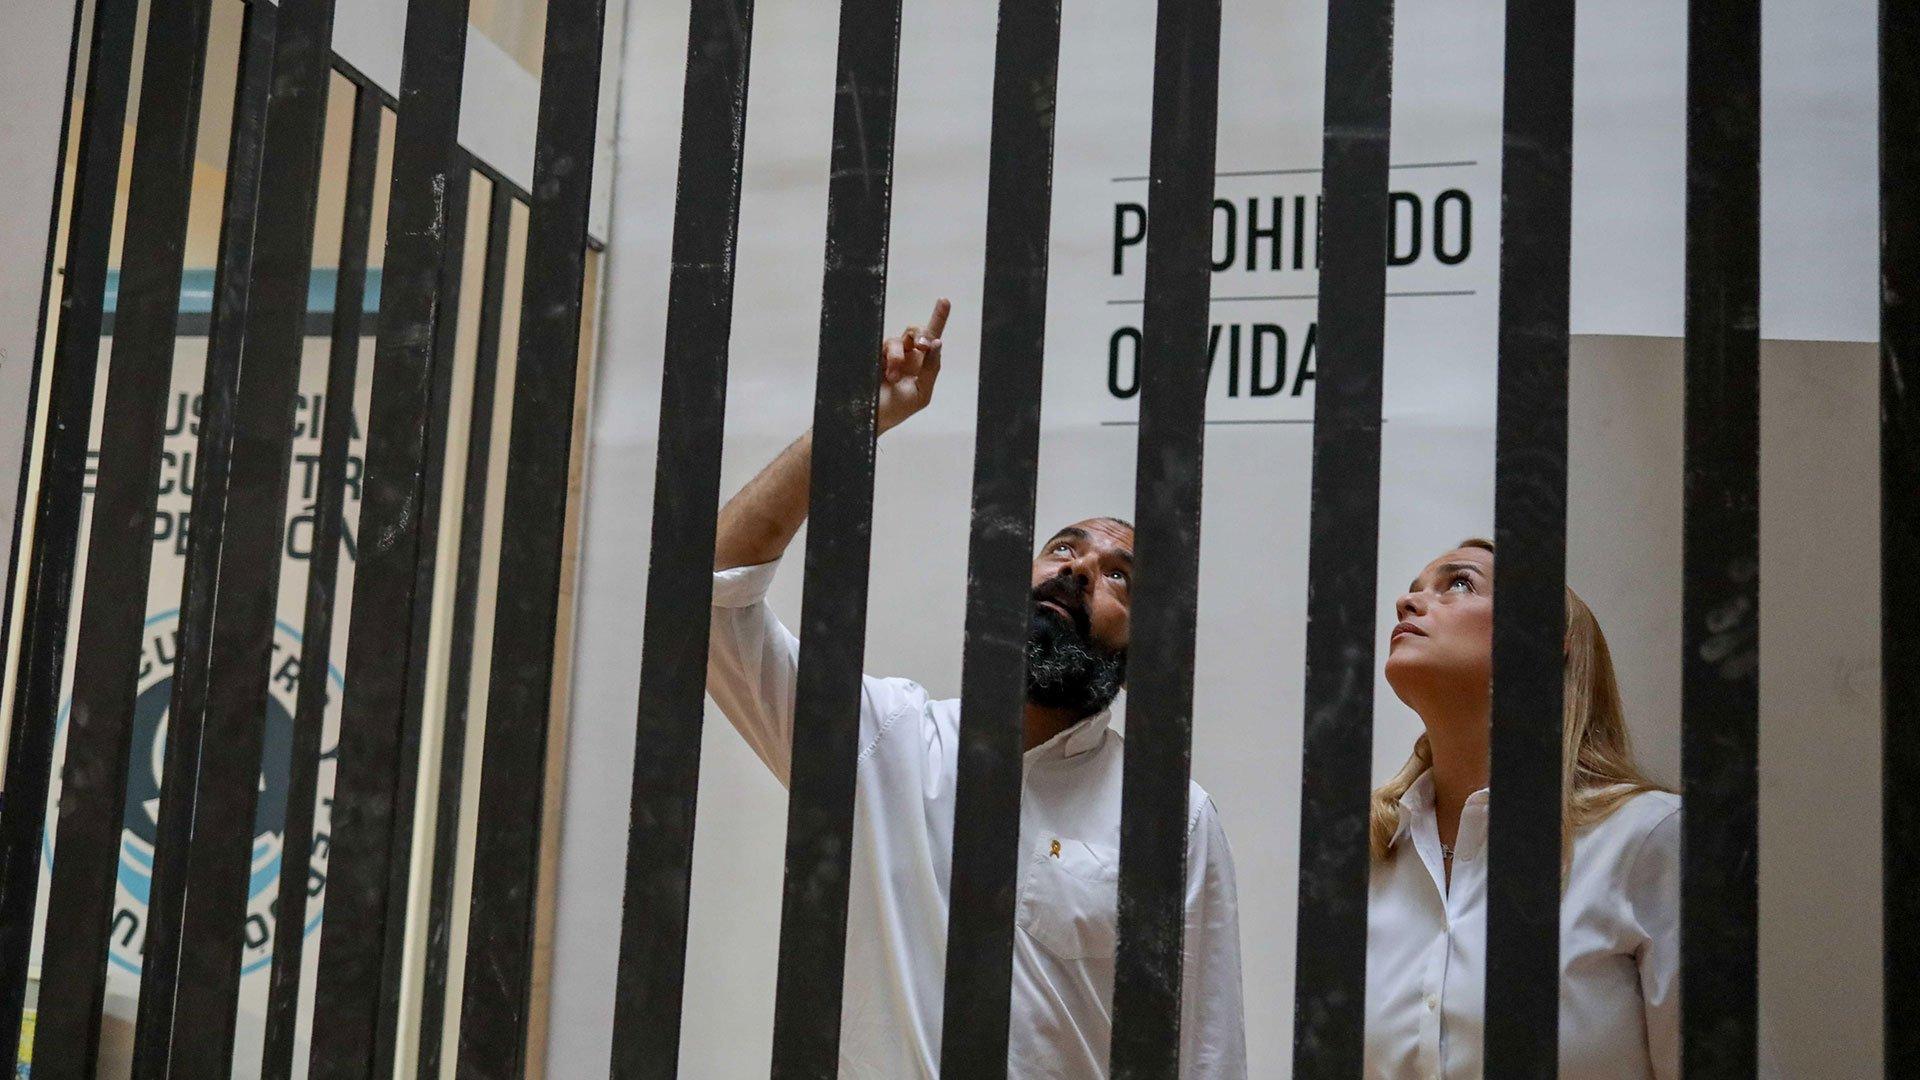 Venezuela: Inauguraron una exposición sobre torturas, asesinatos y presos políticos